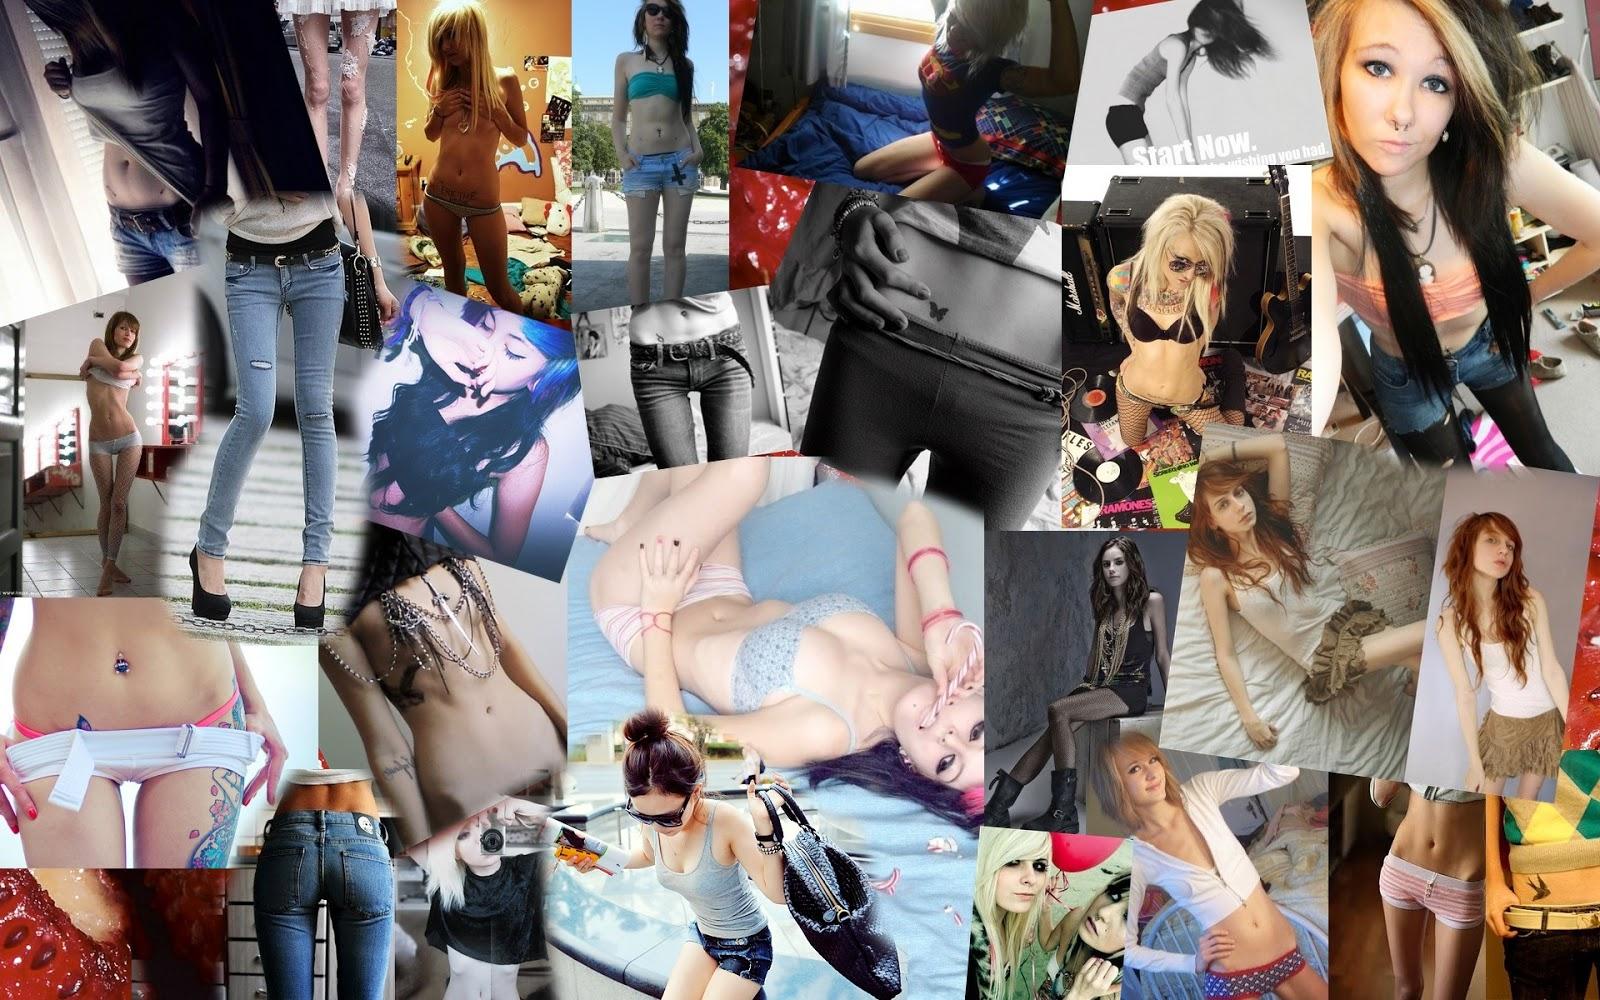 http://3.bp.blogspot.com/-EdRREai7LJM/Tny3gnea0wI/AAAAAAAAAHU/wBBkT-f7Hj8/s1600/Thinspo%20Wallpaper%20Pia.jpg